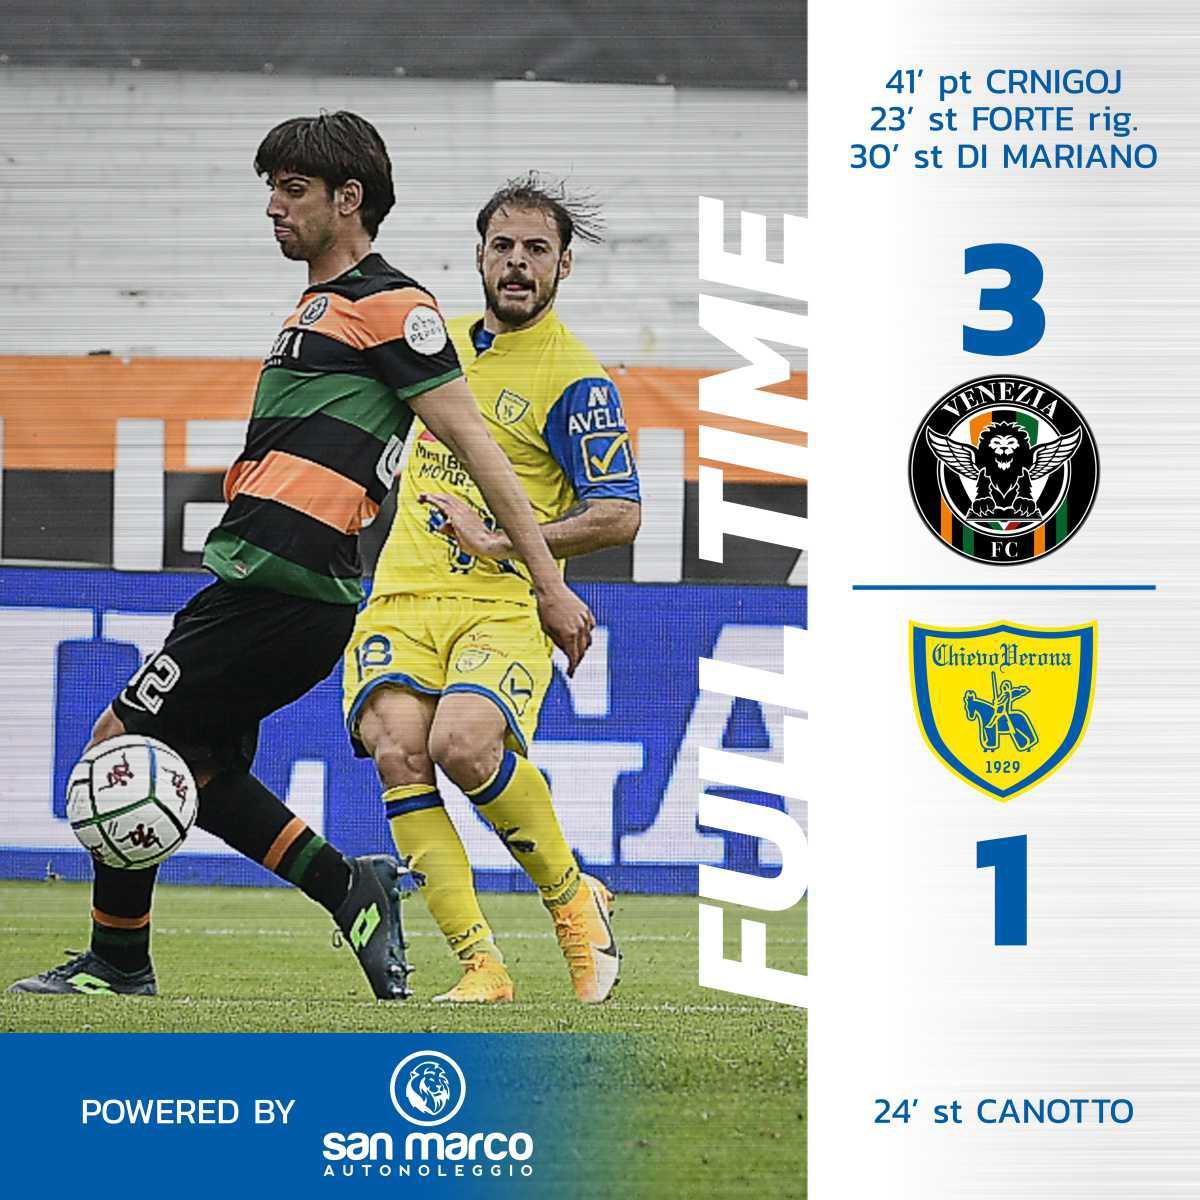 #VeneziaChievo 3-1: il tabellino del match